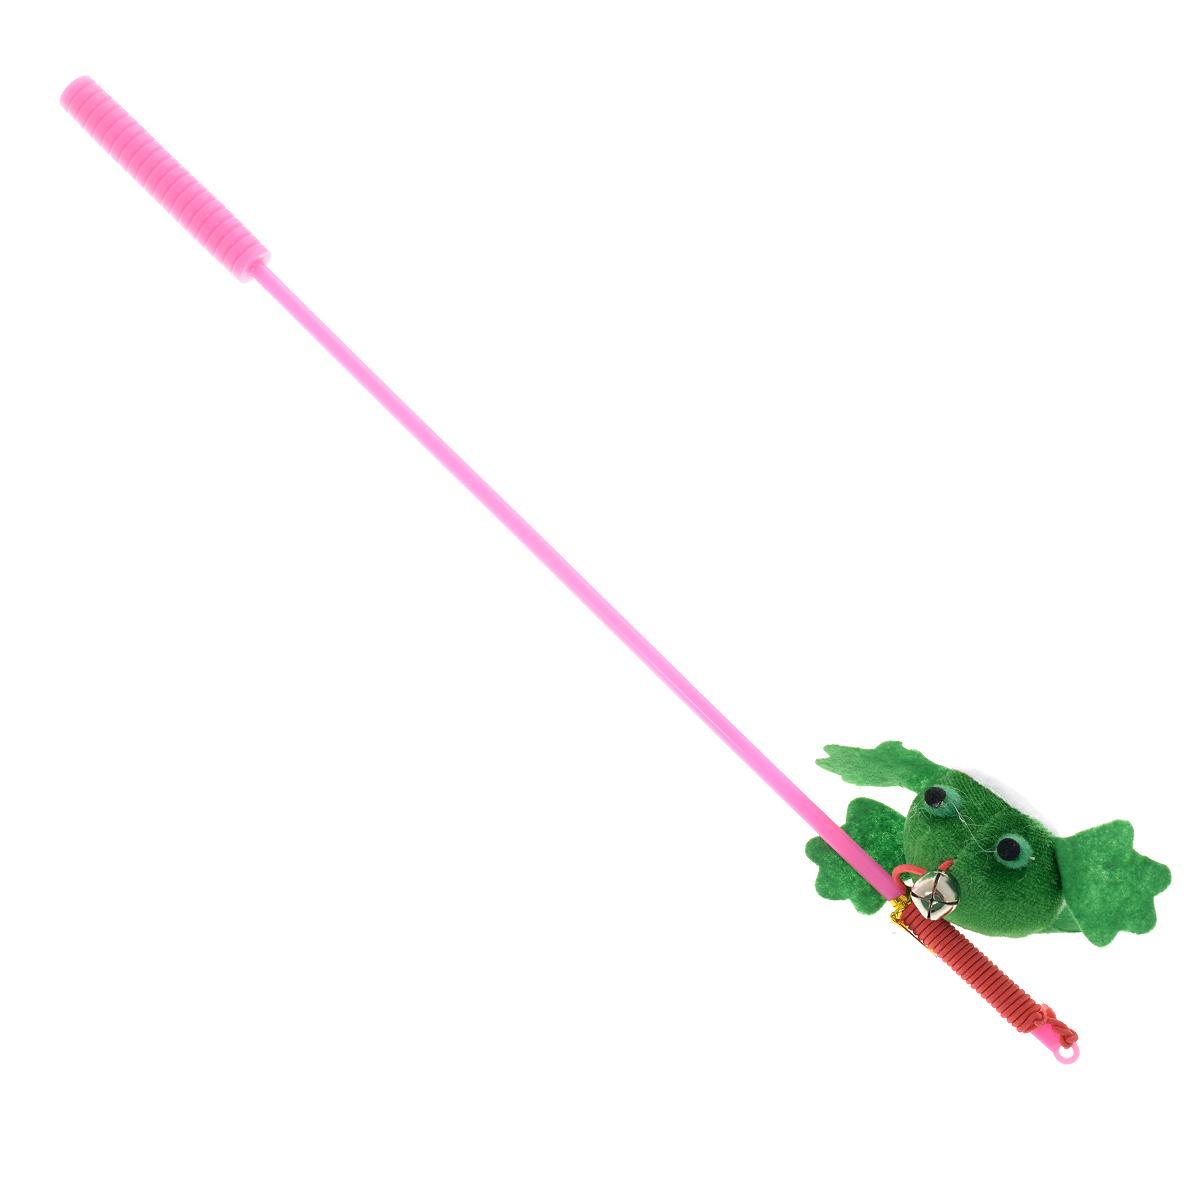 Игрушка для кошек V.I.Pet Дразнилка-удочка с лягушкой, с колокольчиком, цвет: розовый, зеленый, длина 37 смST-105_розовый, зеленыйИгрушка для кошек V.I.Pet Дразнилка-удочка с лягушкой, изготовленная из текстиля, синтепона и пластика, прекрасно подойдет для веселых игр с вашим пушистым любимцем. Играя с этой забавной дразнилкой, маленькие котята развиваются физически, а взрослые кошки и коты поддерживают свой мышечный тонус. Яркая игрушка на конце удочки оснащена колокольчиком и сразу привлечет внимание вашего любимца, не навредит здоровью и увлечет его на долгое время. Длина удочки: 37 см.Размер игрушки: 7,5 х 4 х 2,5 см.